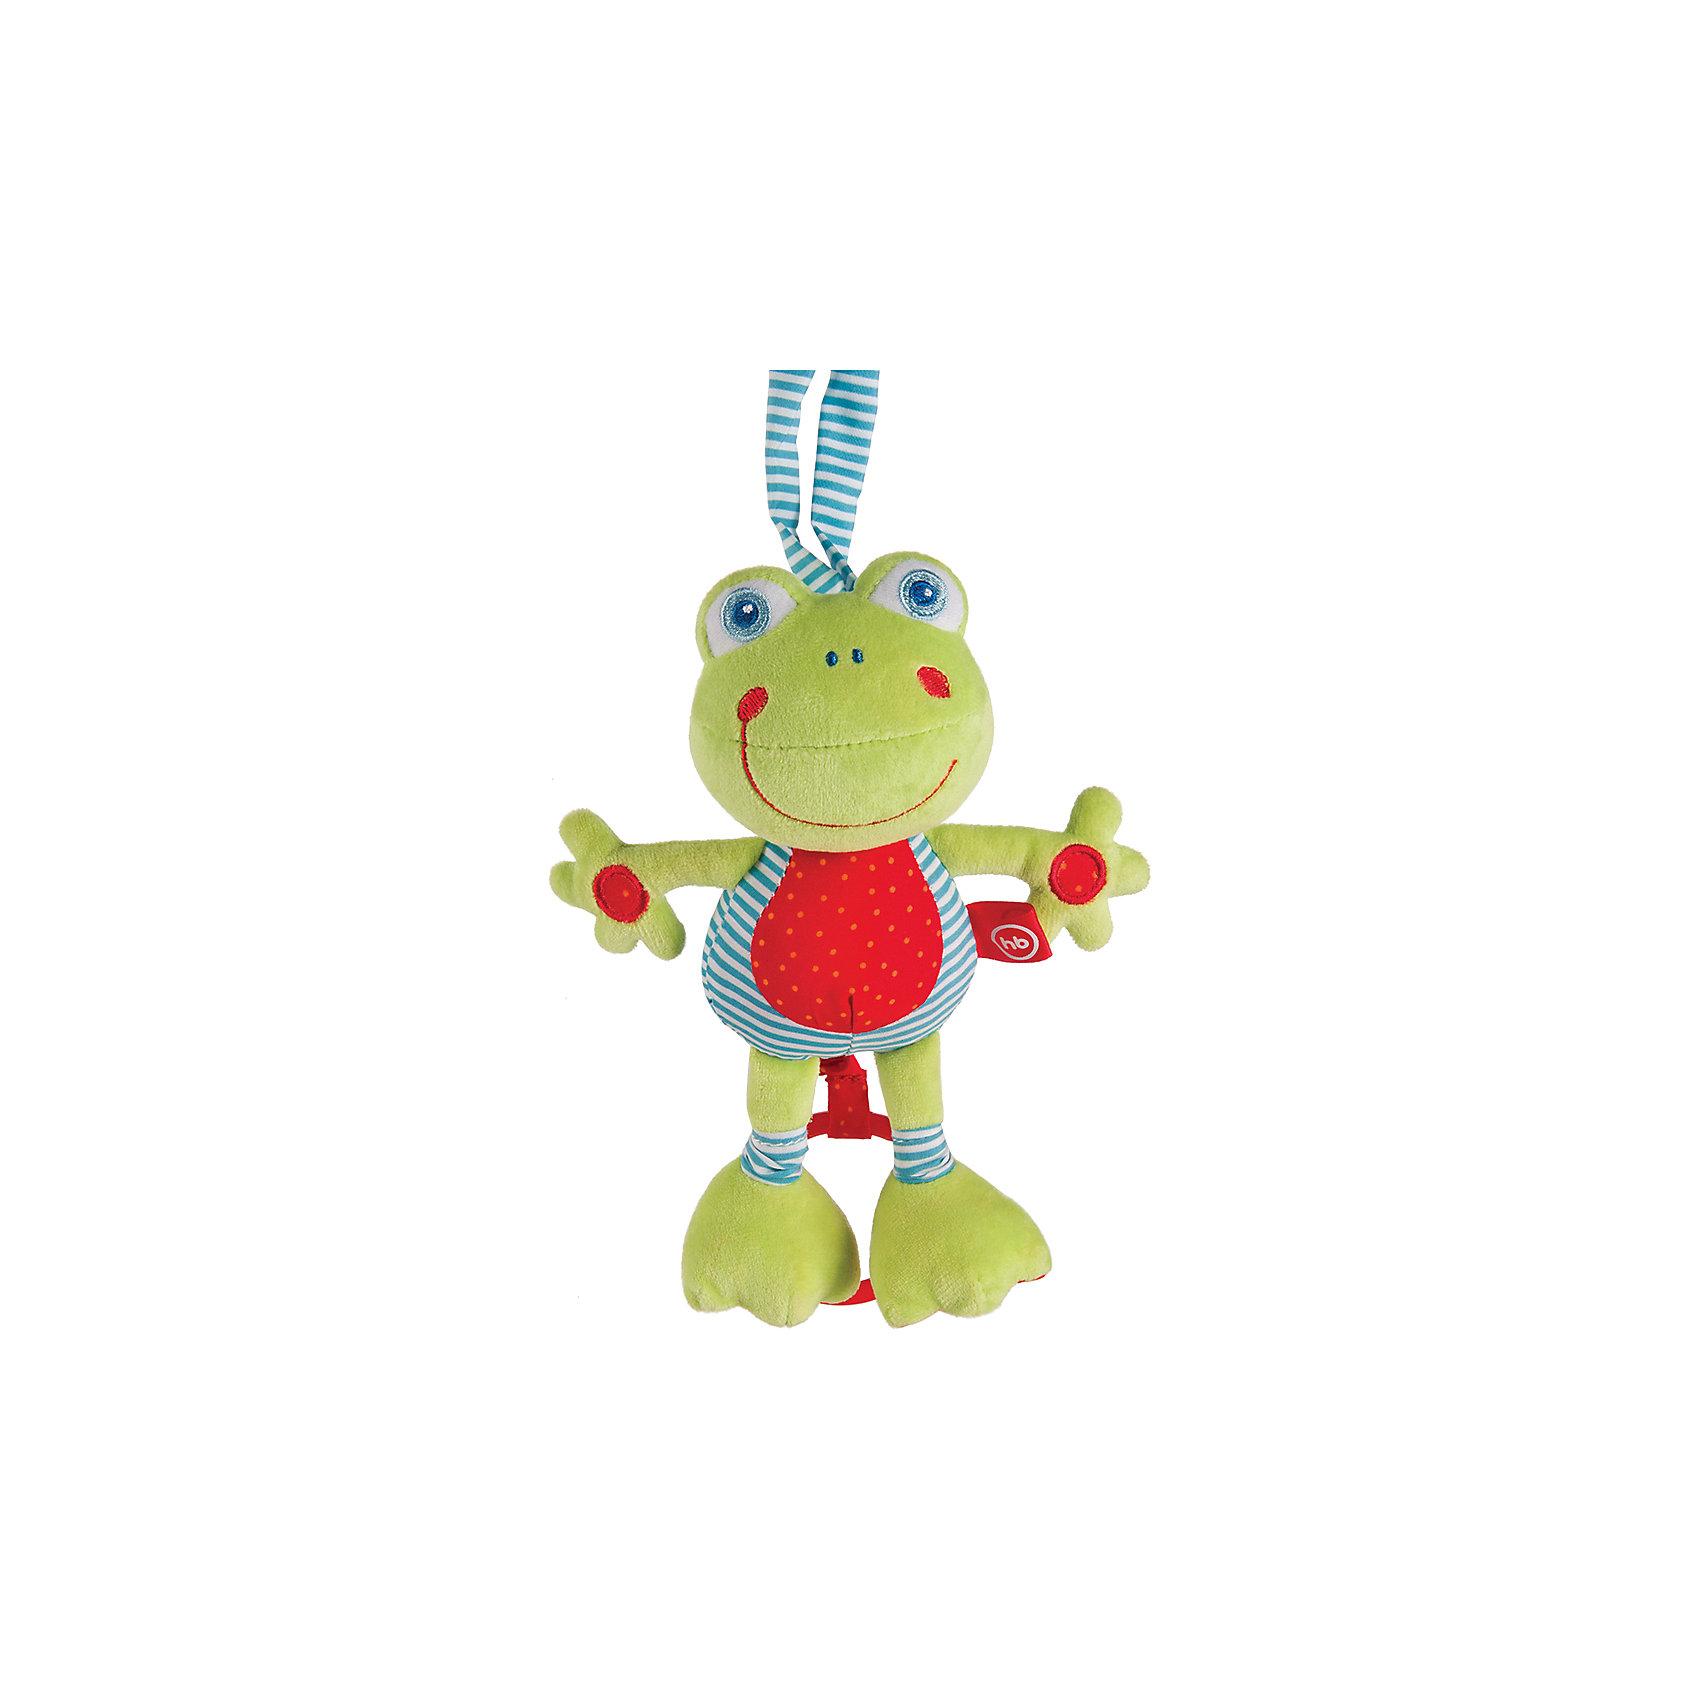 Игрушка мягконабивная Frolic Frogling, Happy babyМягкие игрушки<br>Игрушка FROLIC FROGLING – очень полезный подарок малышу, ведь он таит в себе множество сюрпризов! Её можно использовать как подвеску с самых первых месяцев жизни младенца, когда наблюдение является для него ведущим видом деятельности, но интерес к этой игрушке ребёнок сохранит на протяжении всего младенческого возраста.<br><br>Ширина мм: 80<br>Глубина мм: 205<br>Высота мм: 335<br>Вес г: 200<br>Возраст от месяцев: 0<br>Возраст до месяцев: 18<br>Пол: Унисекс<br>Возраст: Детский<br>SKU: 5621715